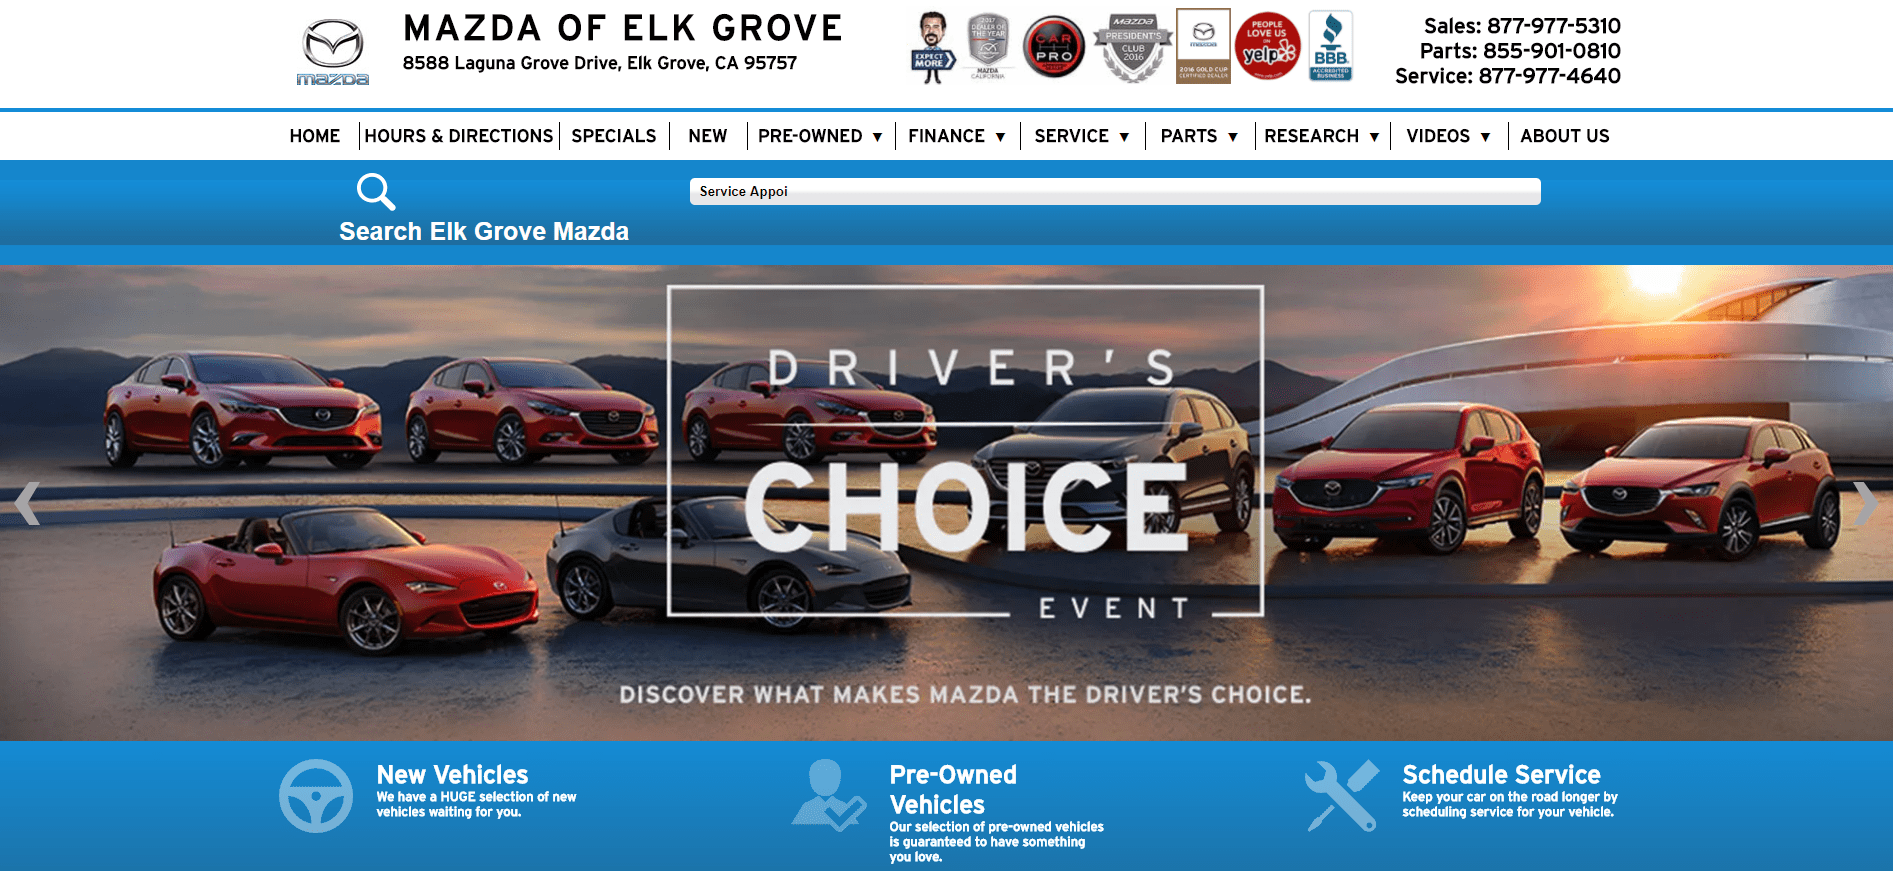 Elk Grove Mazda >> Mazda Names Dealer eProcess a Certified Provider for Websites and Digital Advertising - Dealer ...